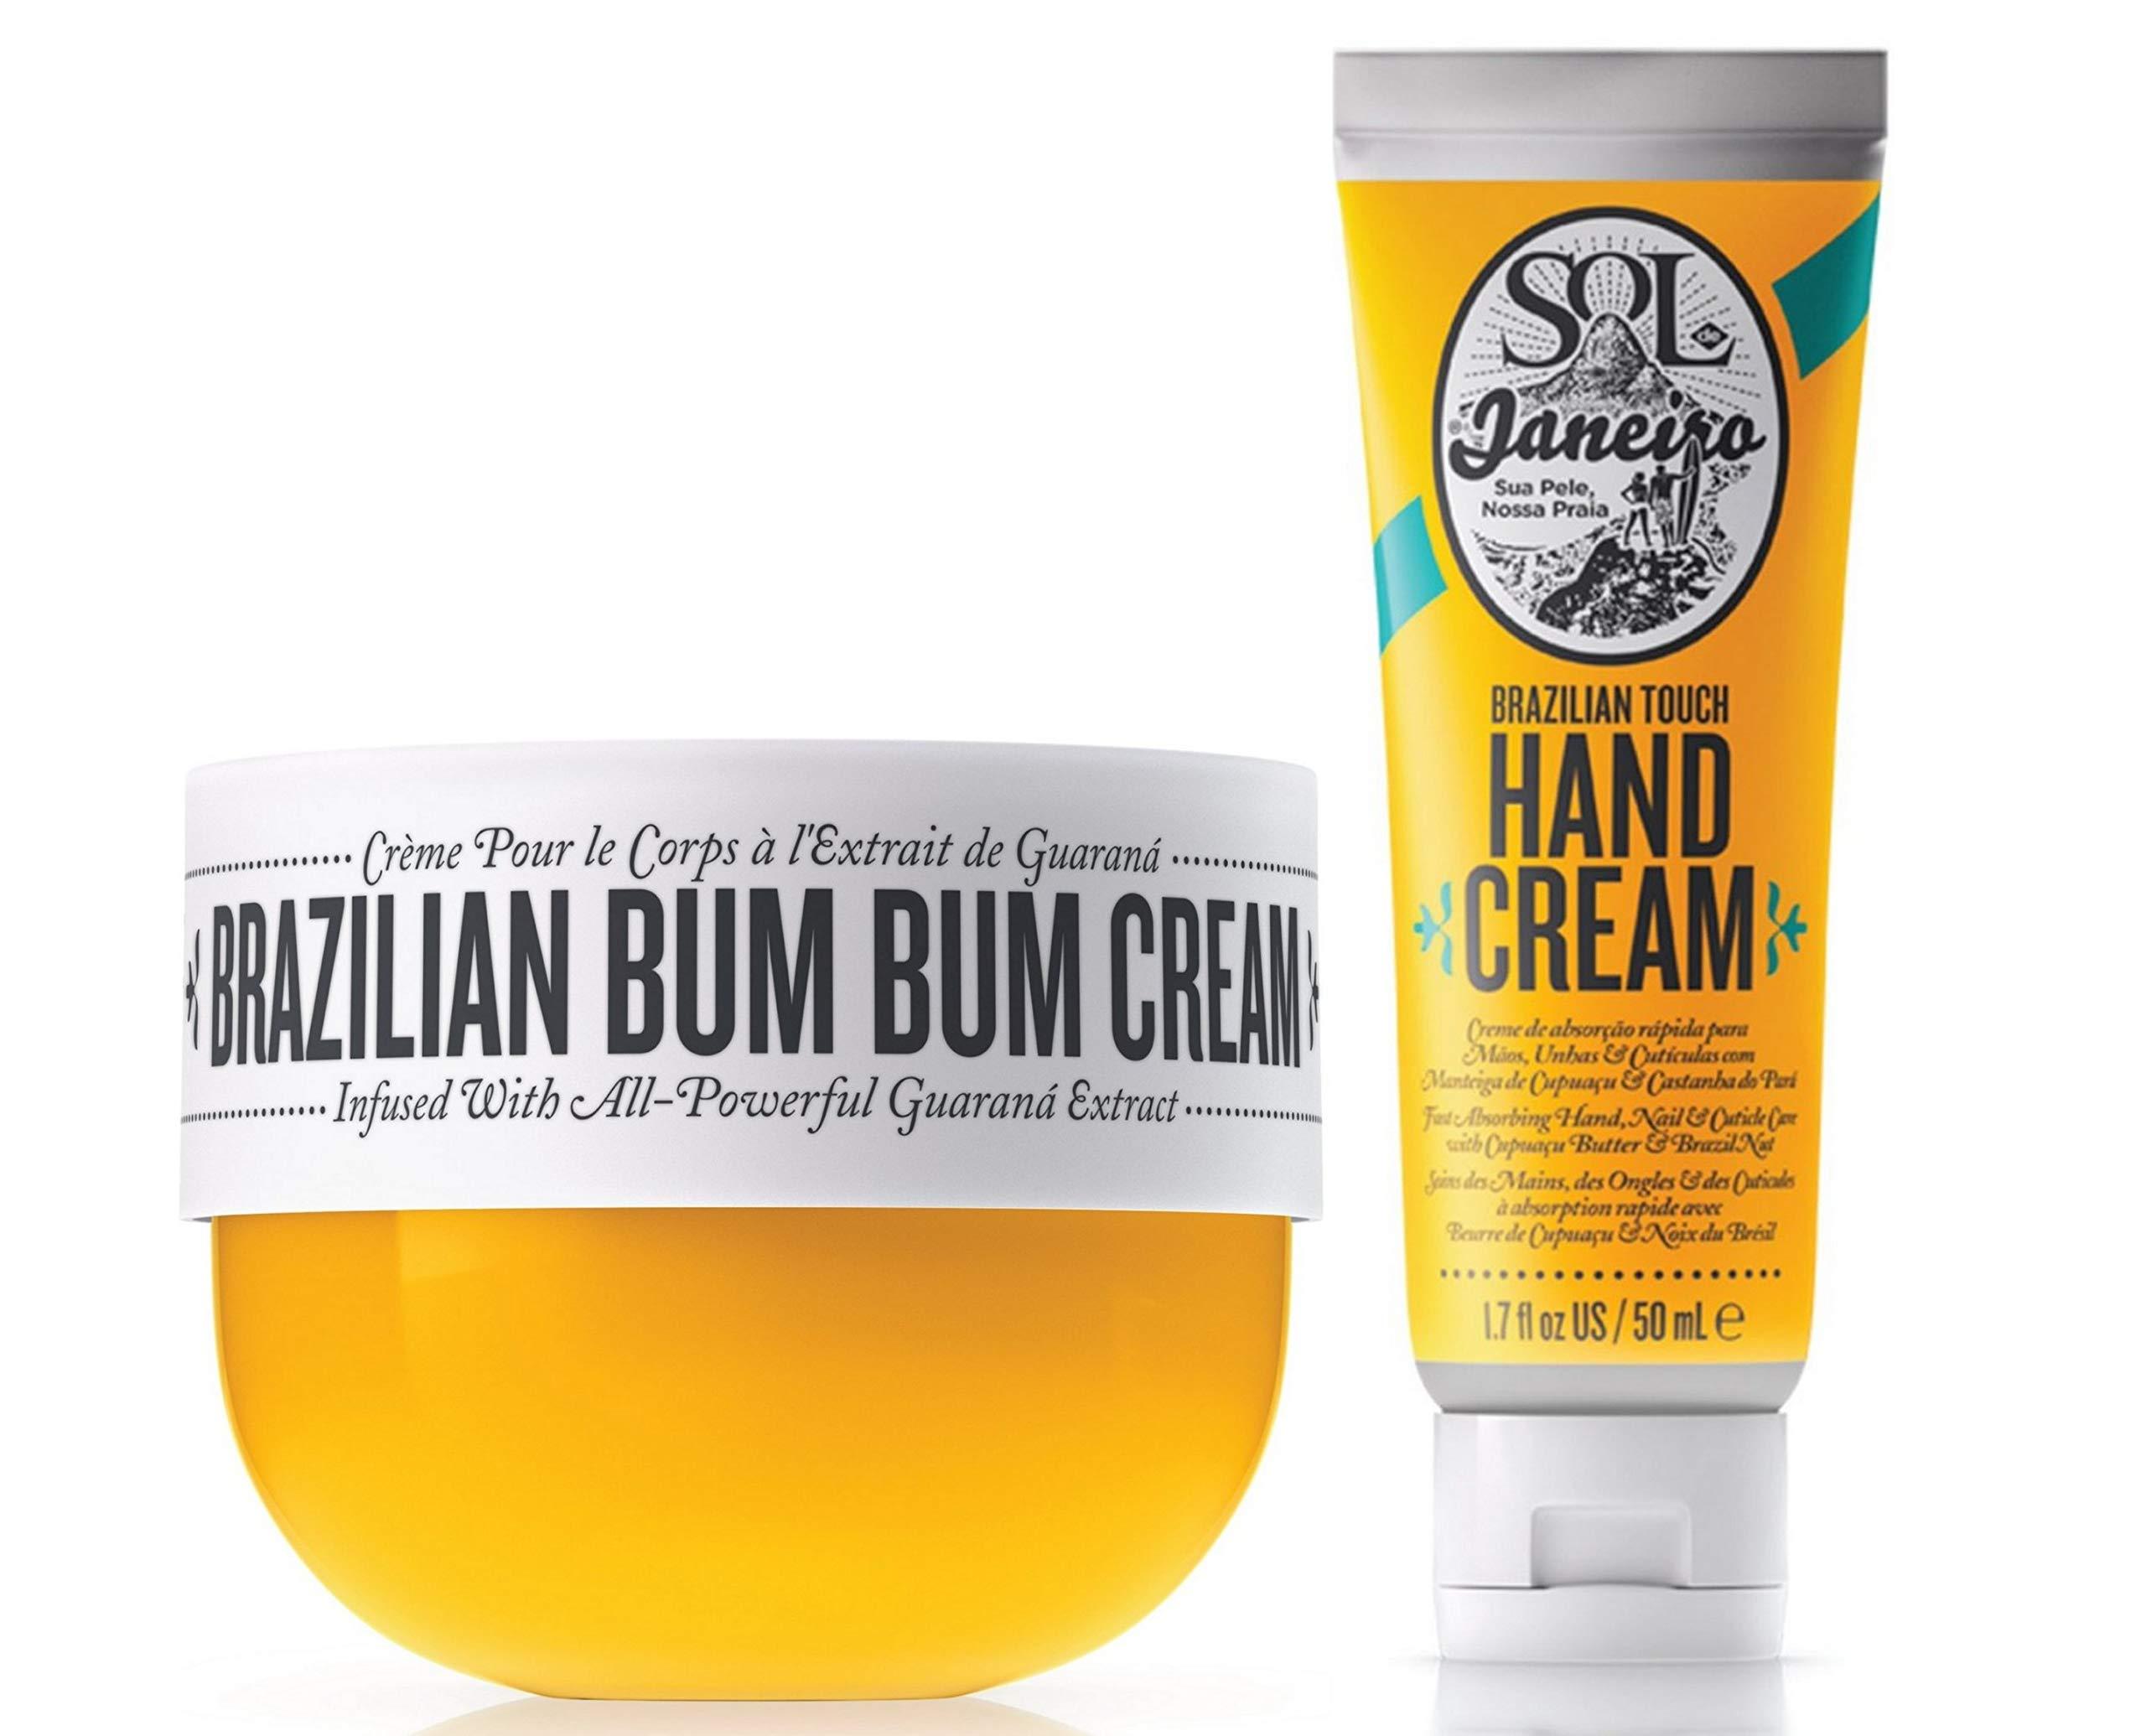 Sol de Janeiro Brazilian Bum Bum Cream (75ml) and Brazilian Touch Hand Cream 1.7 oz / 50 ml - Featuring a Gute Carrying Cosmetic Bag (3 piece bundle)